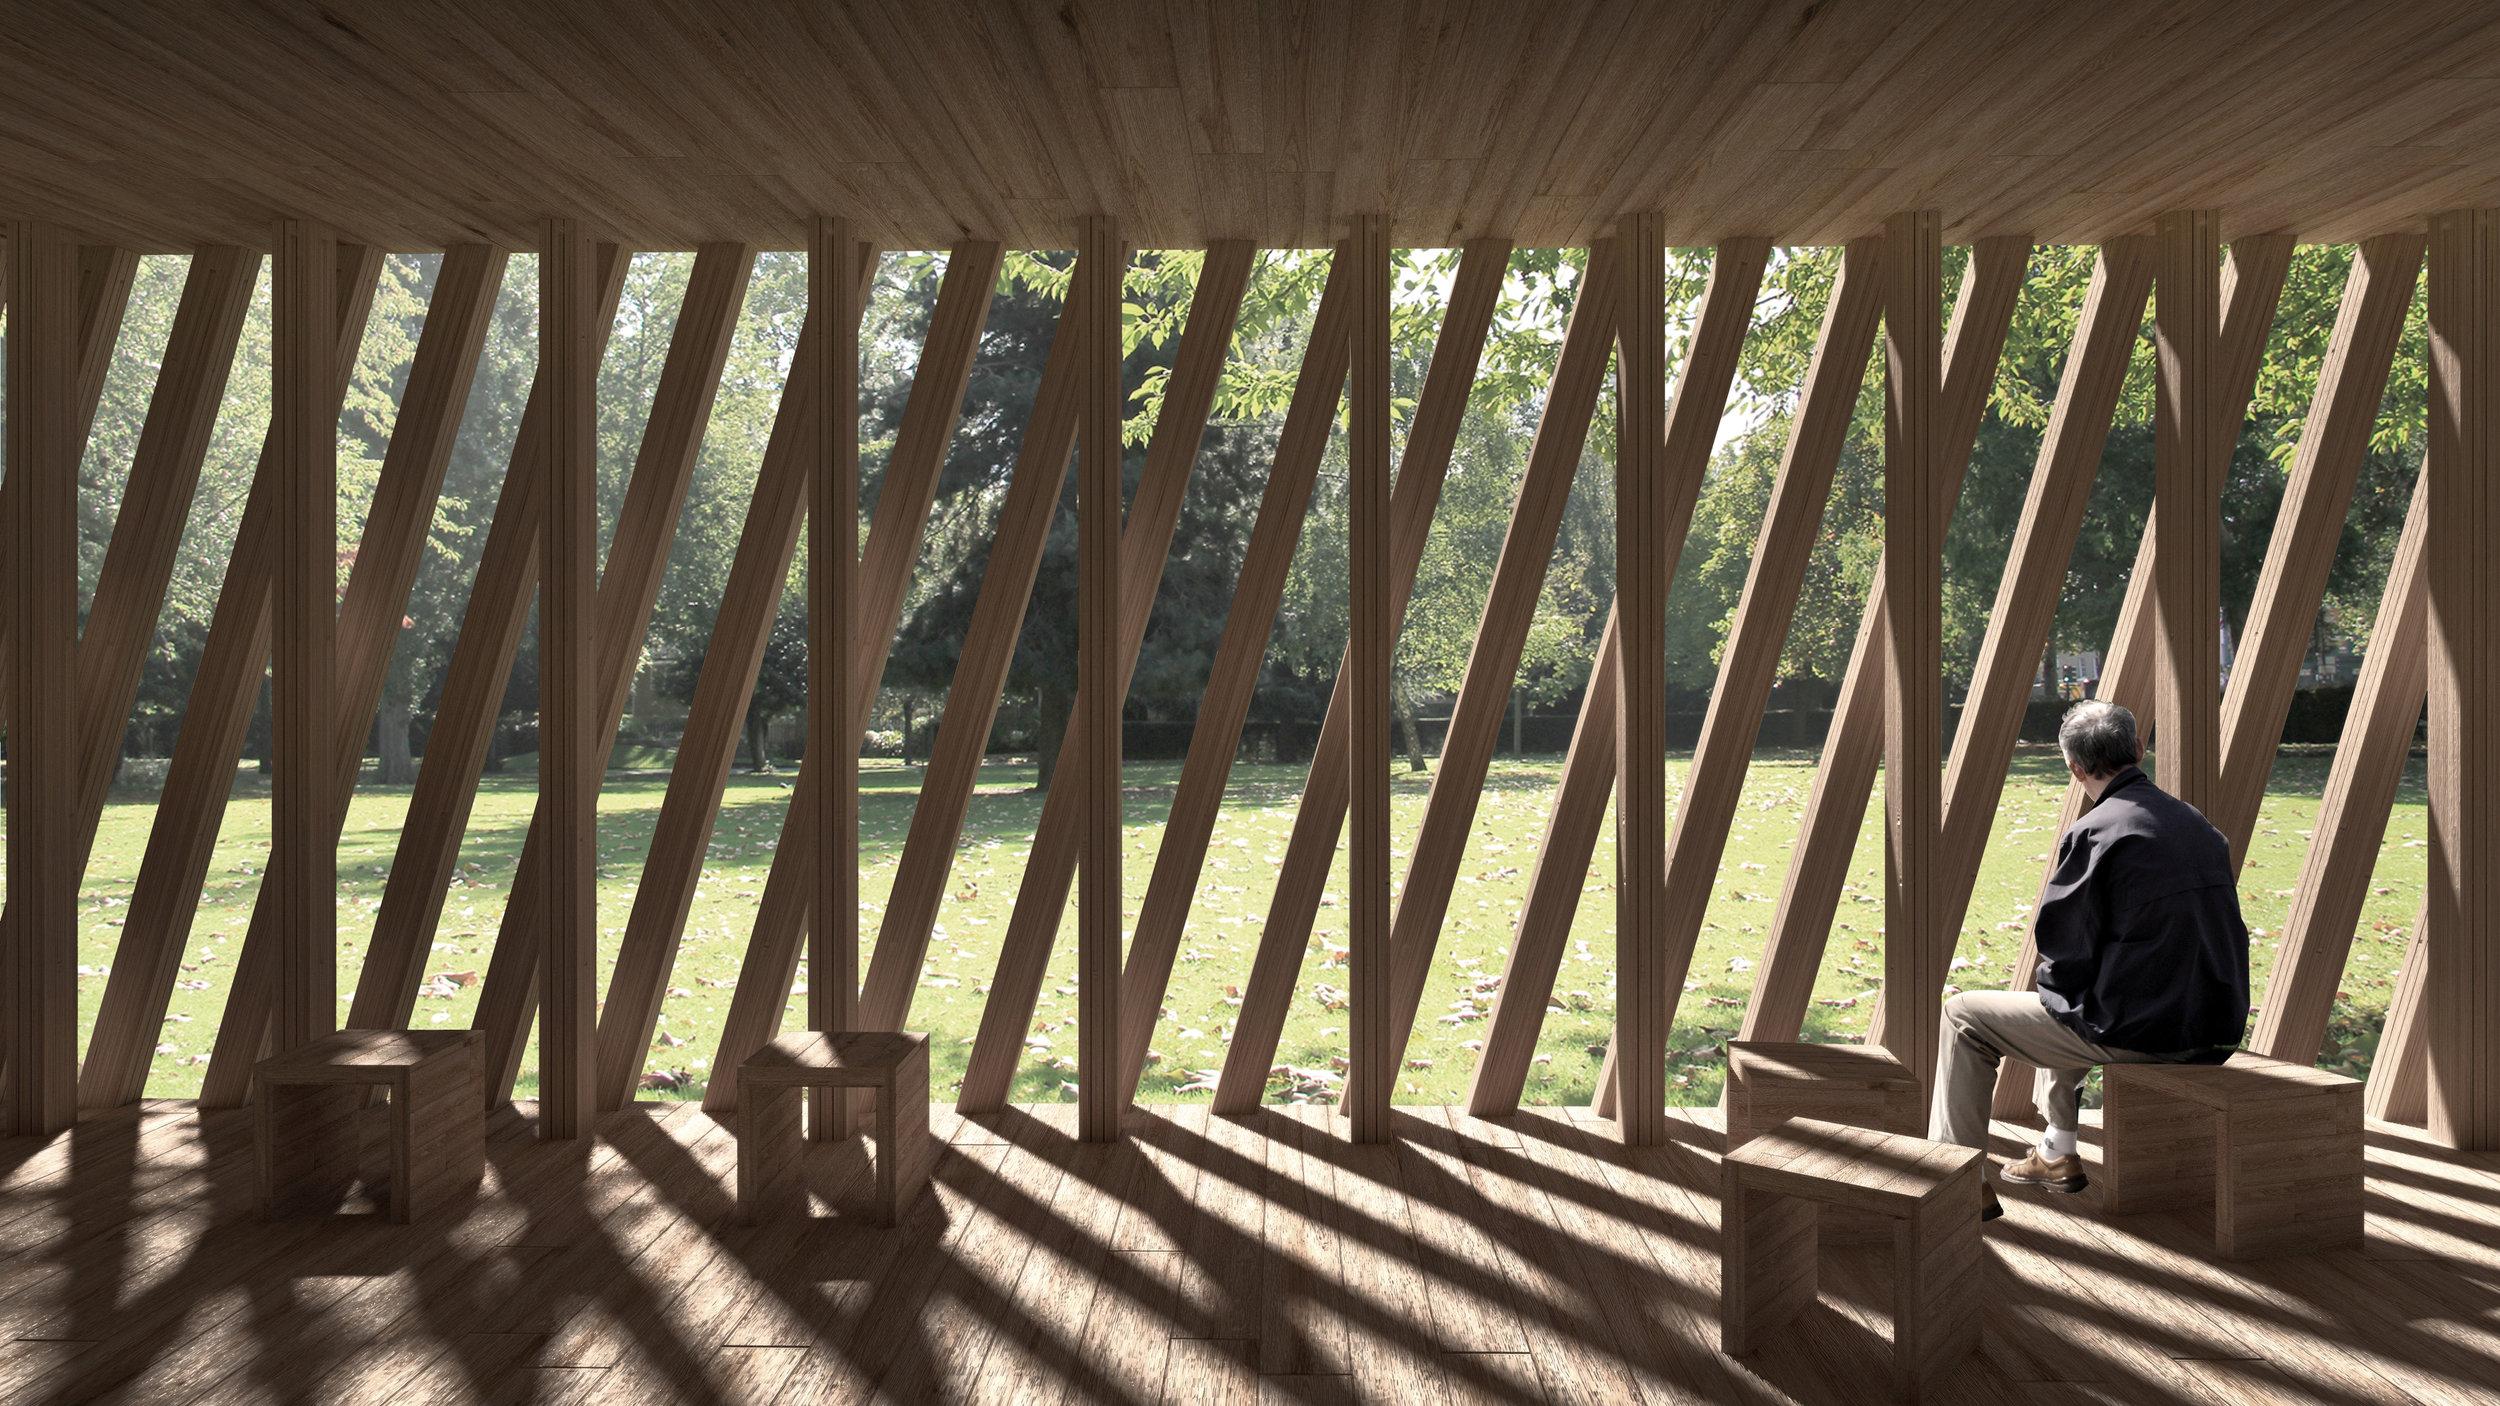 Light Pavilion Images.jpg